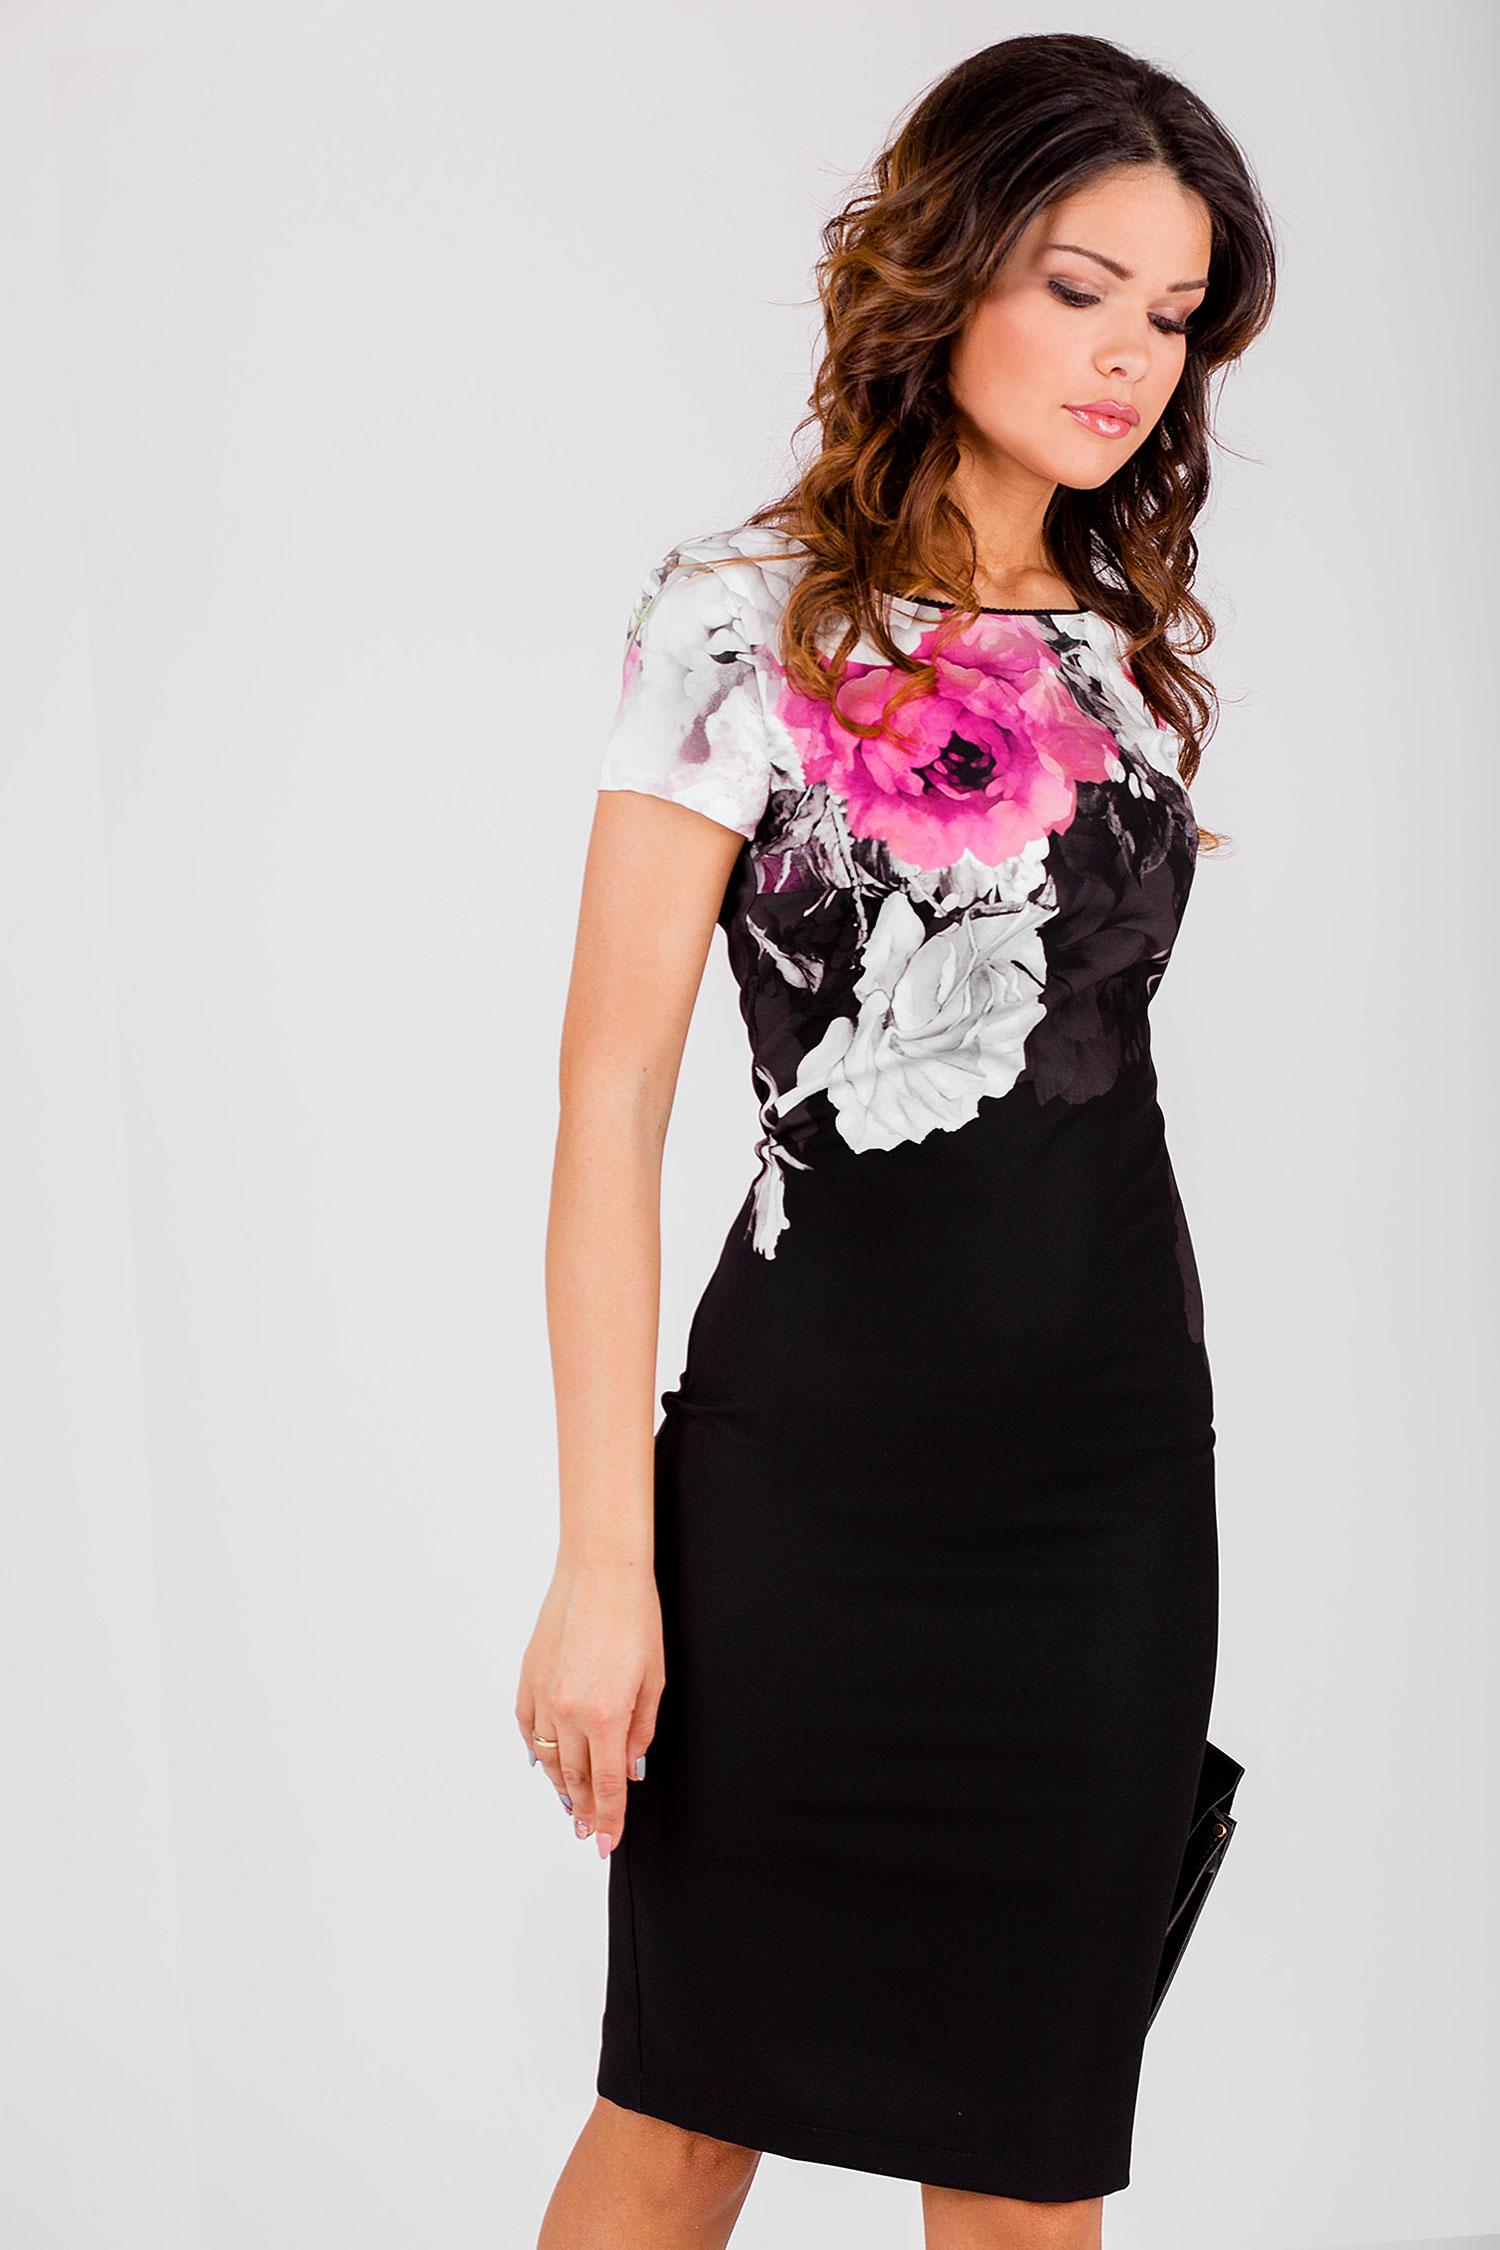 3950b03edb0 Елегантна дамска рокля с принт на цветя - Ephos България - Онлайн ...